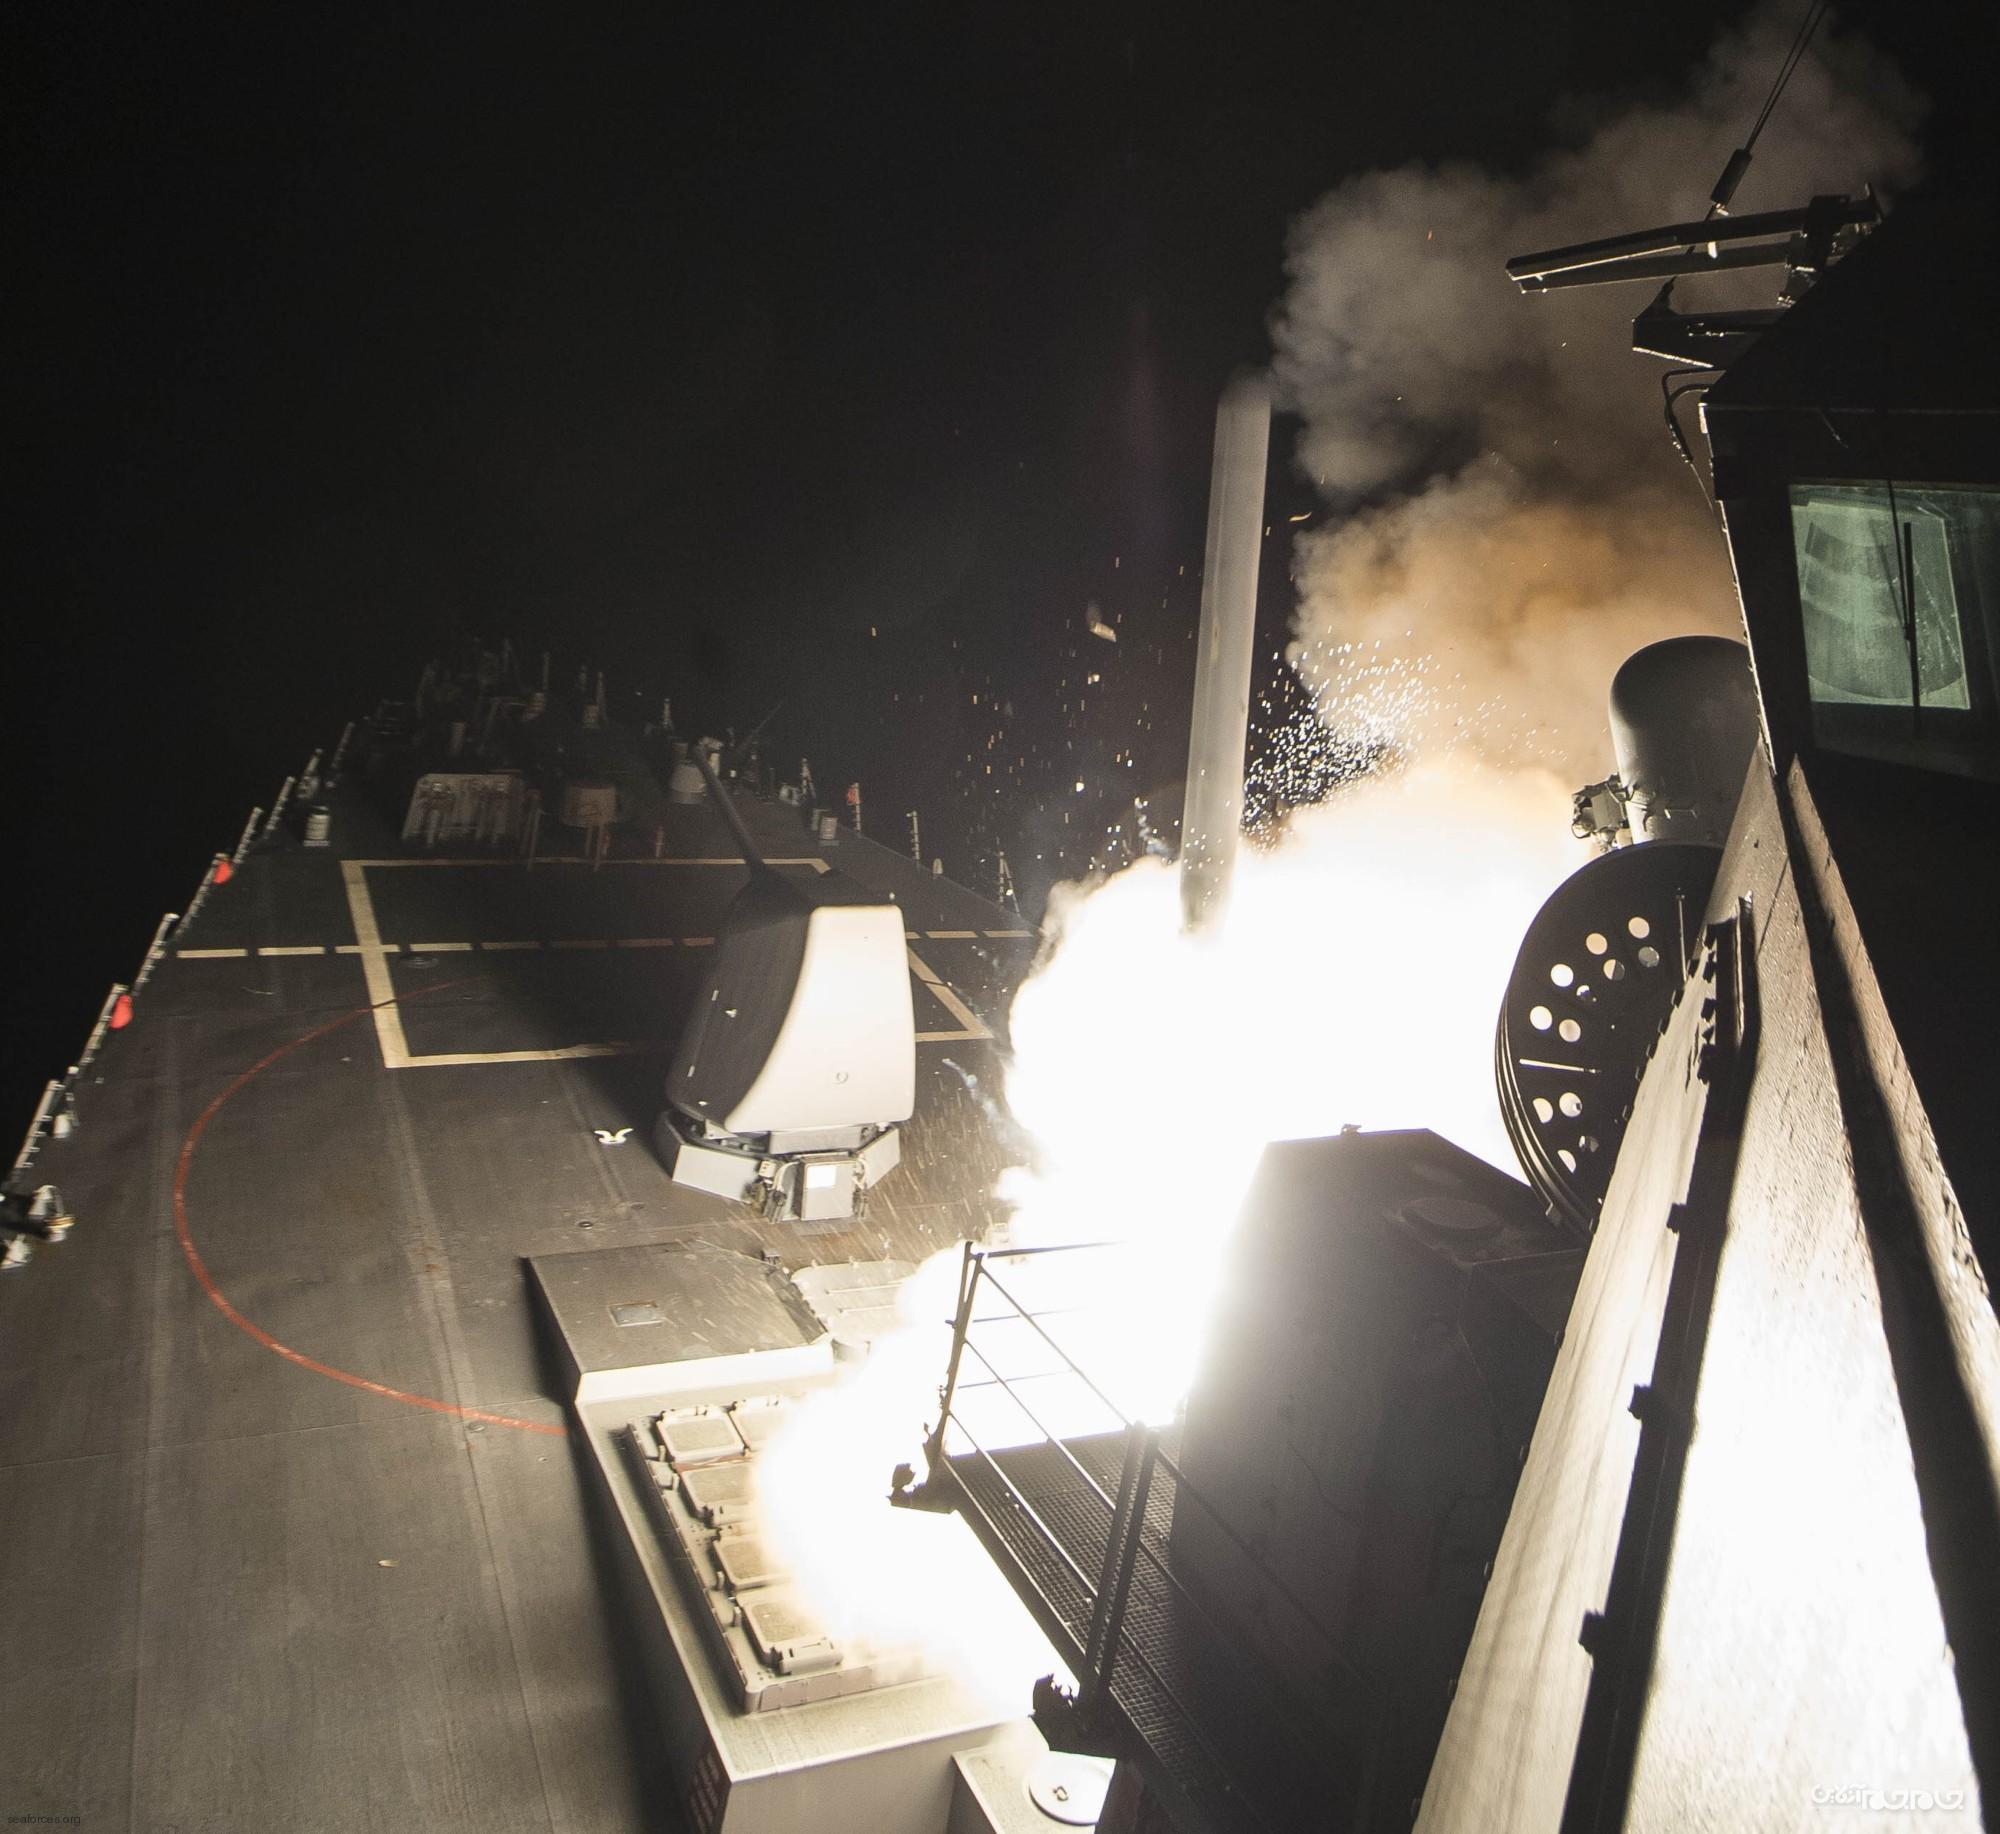 گافهای مهم ارتش آمریکا در حمله به «الشعیرات»/ دقیقترین موشکهای کروز به هدف نرسیدند! +عکس